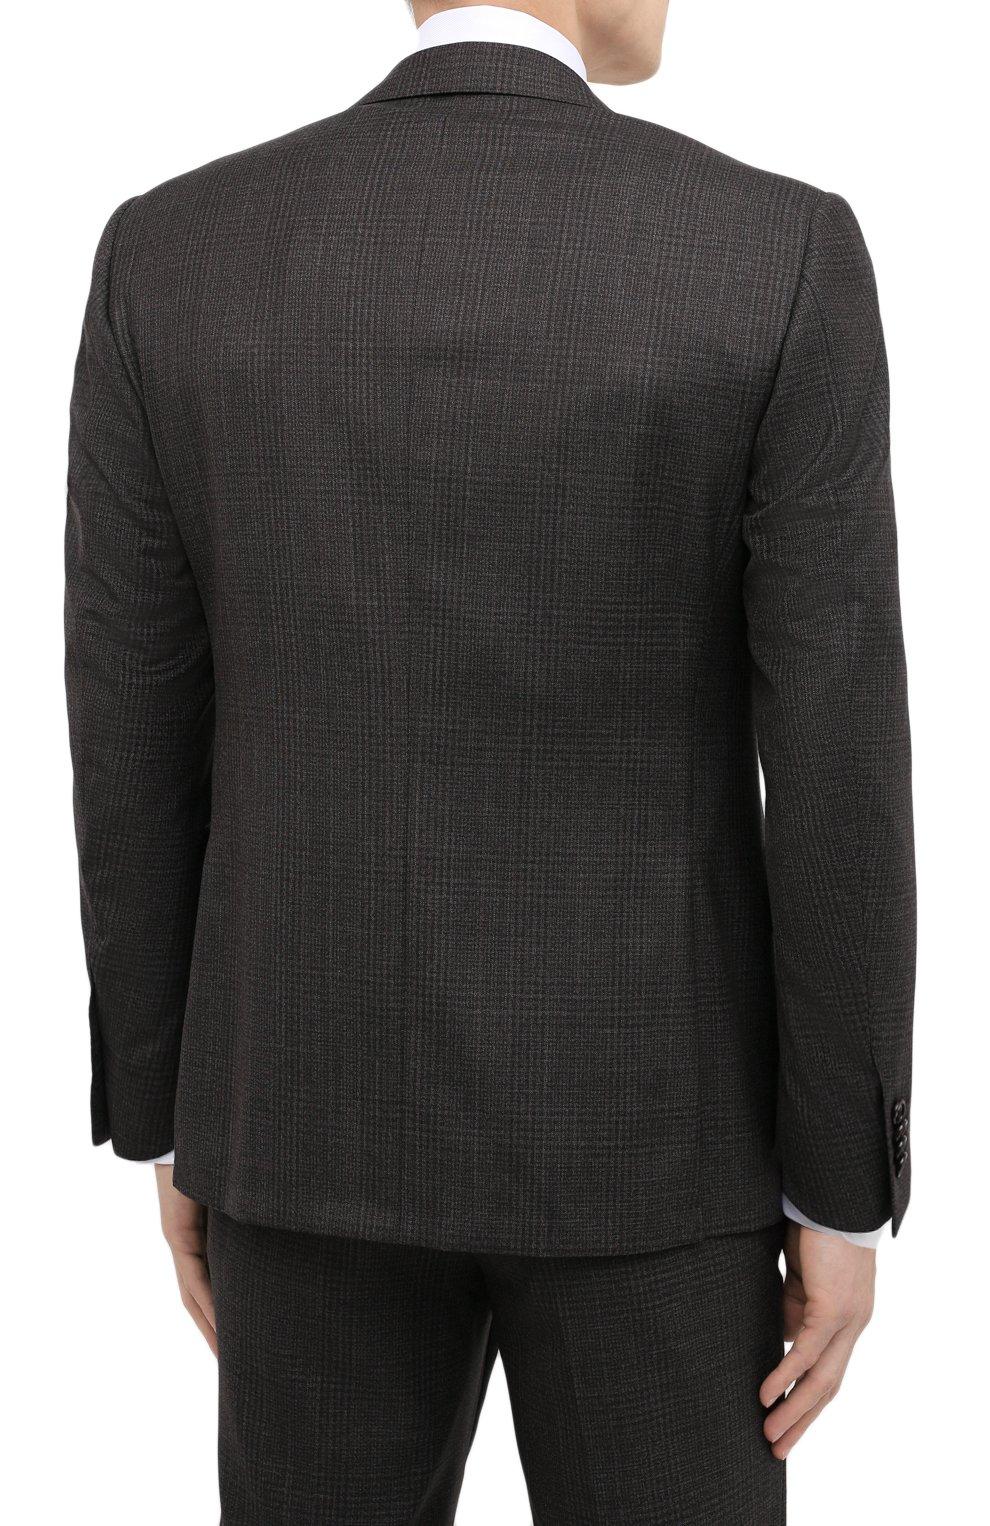 Коричневый шерстяной костюм мужской купить ткань для тента качелей